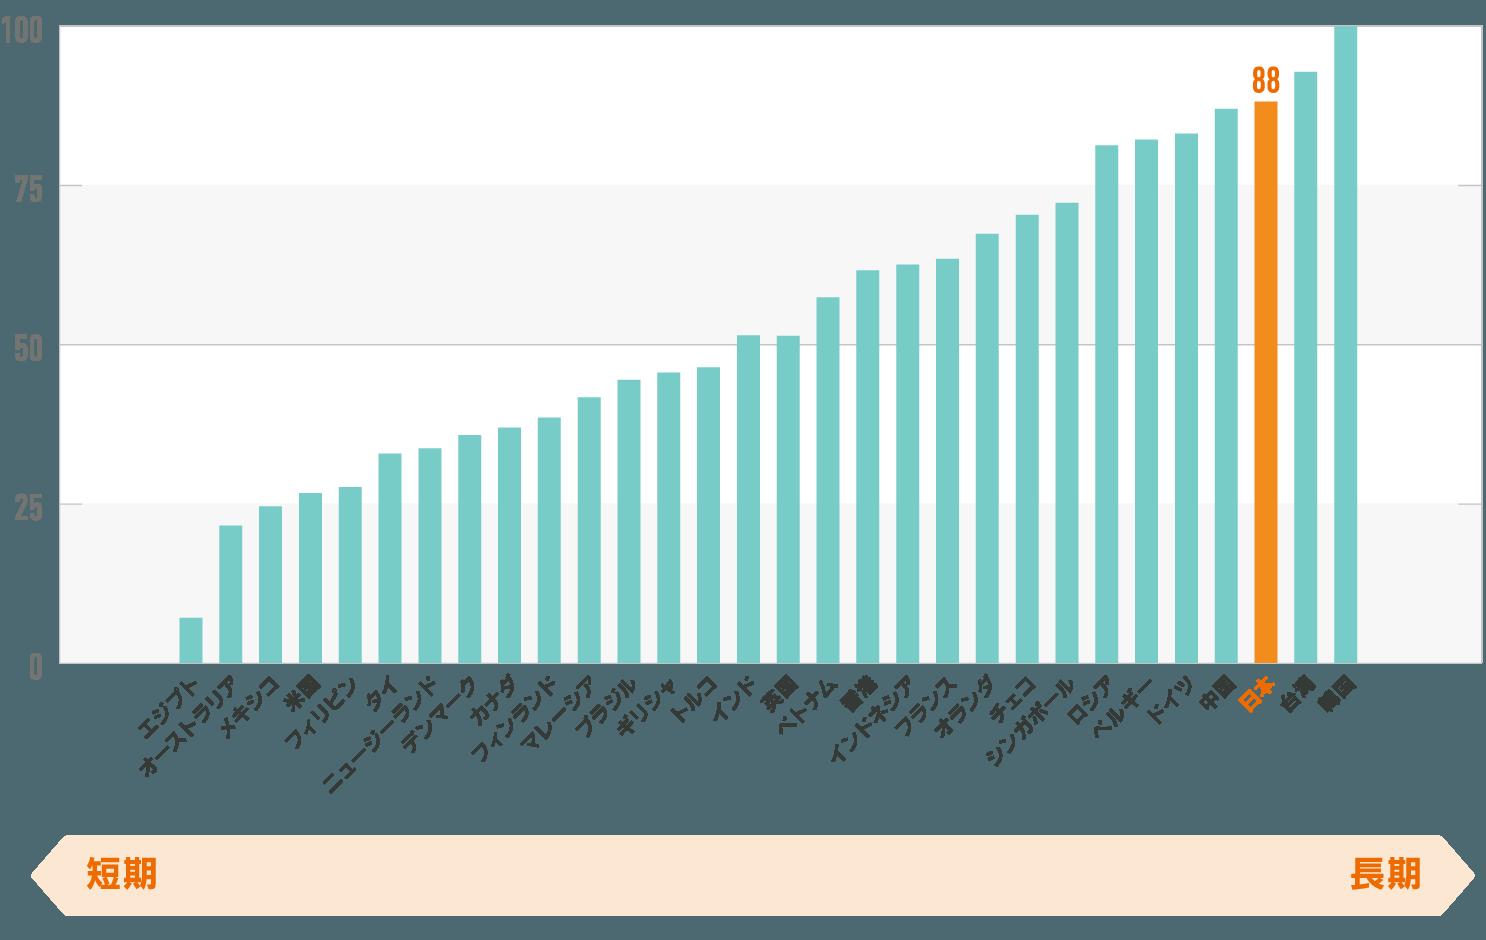 世界のスコア 短期志向/長期志向